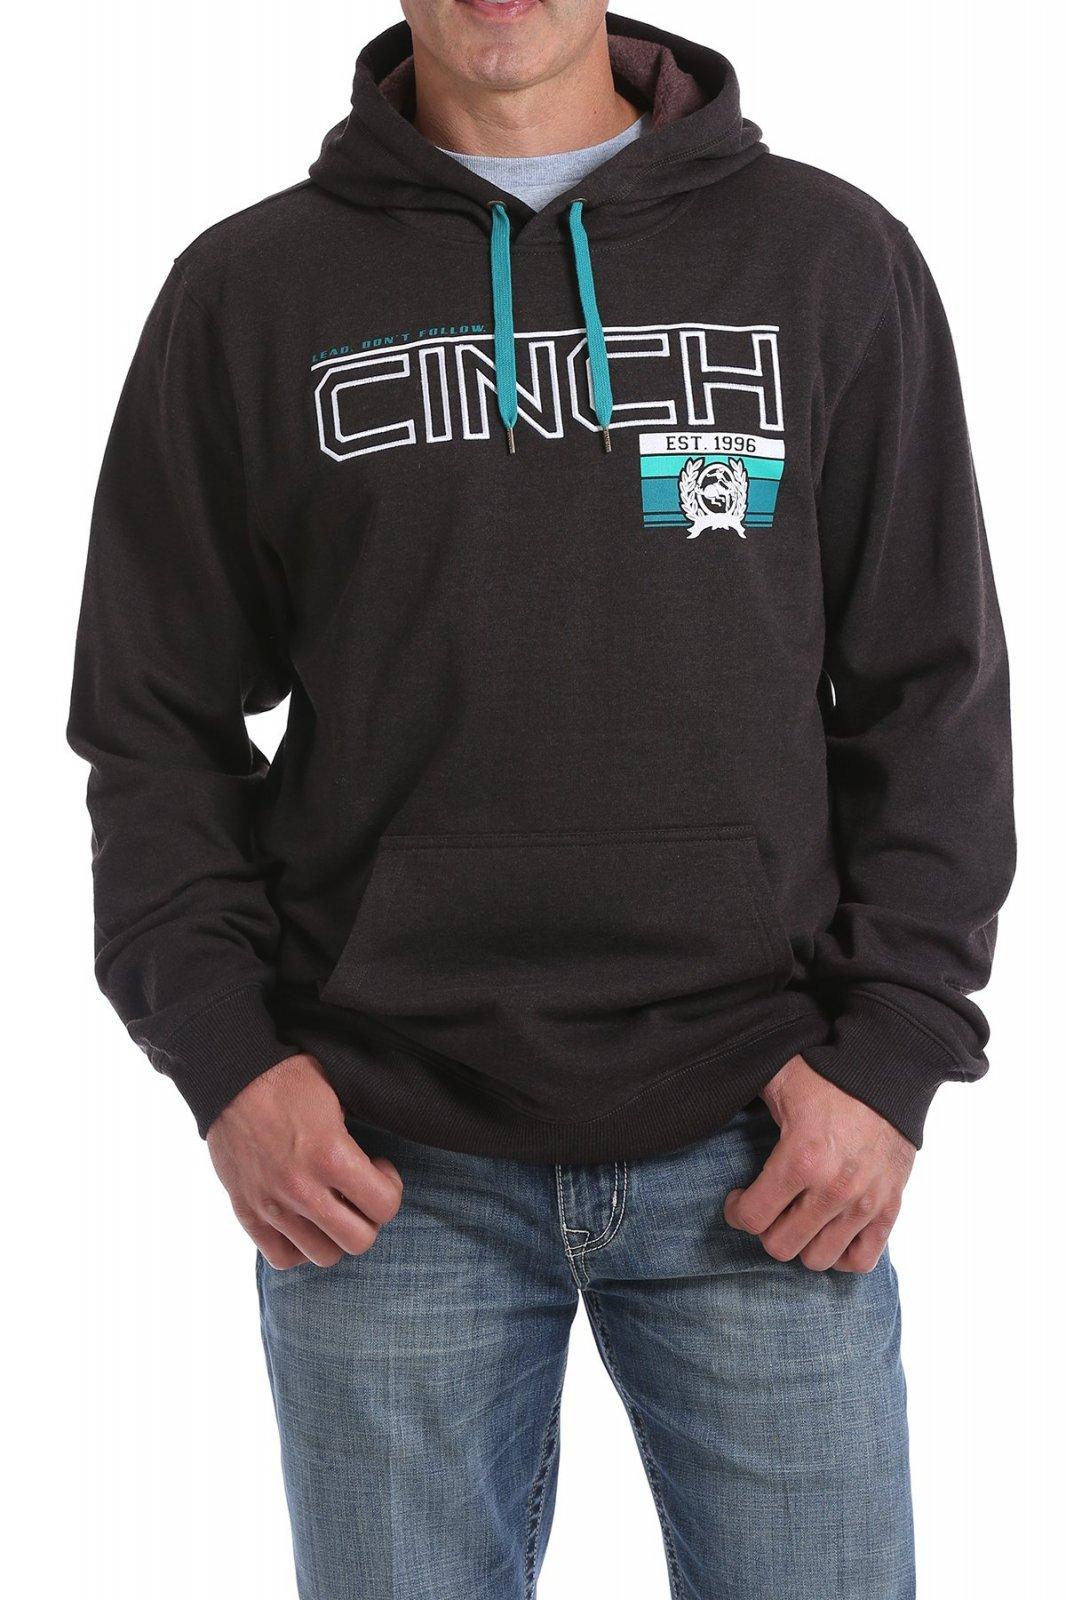 Cinch Men's Fleece Hoodie Heather Brown 1019